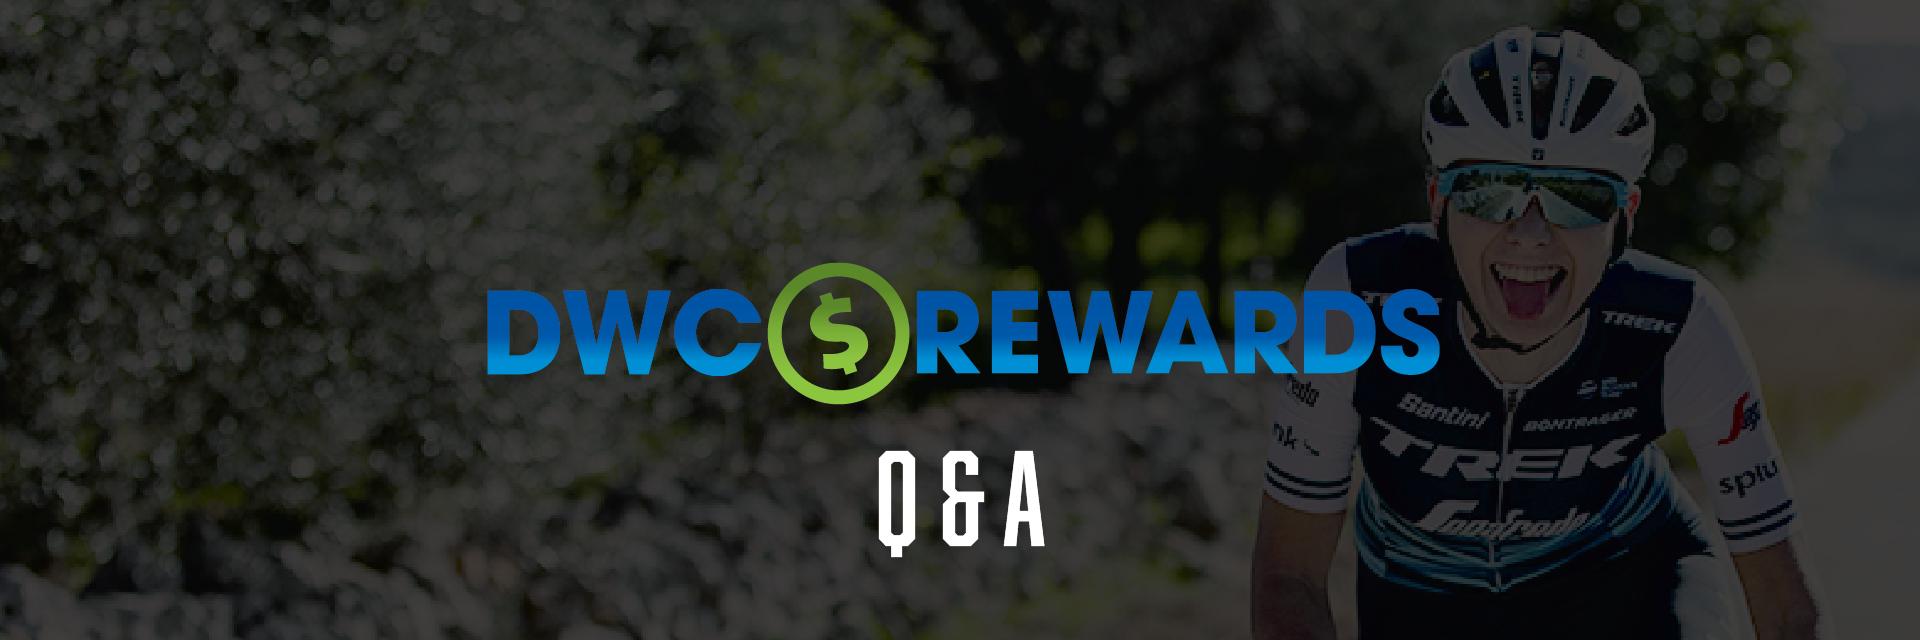 DWC Rewards Q & A